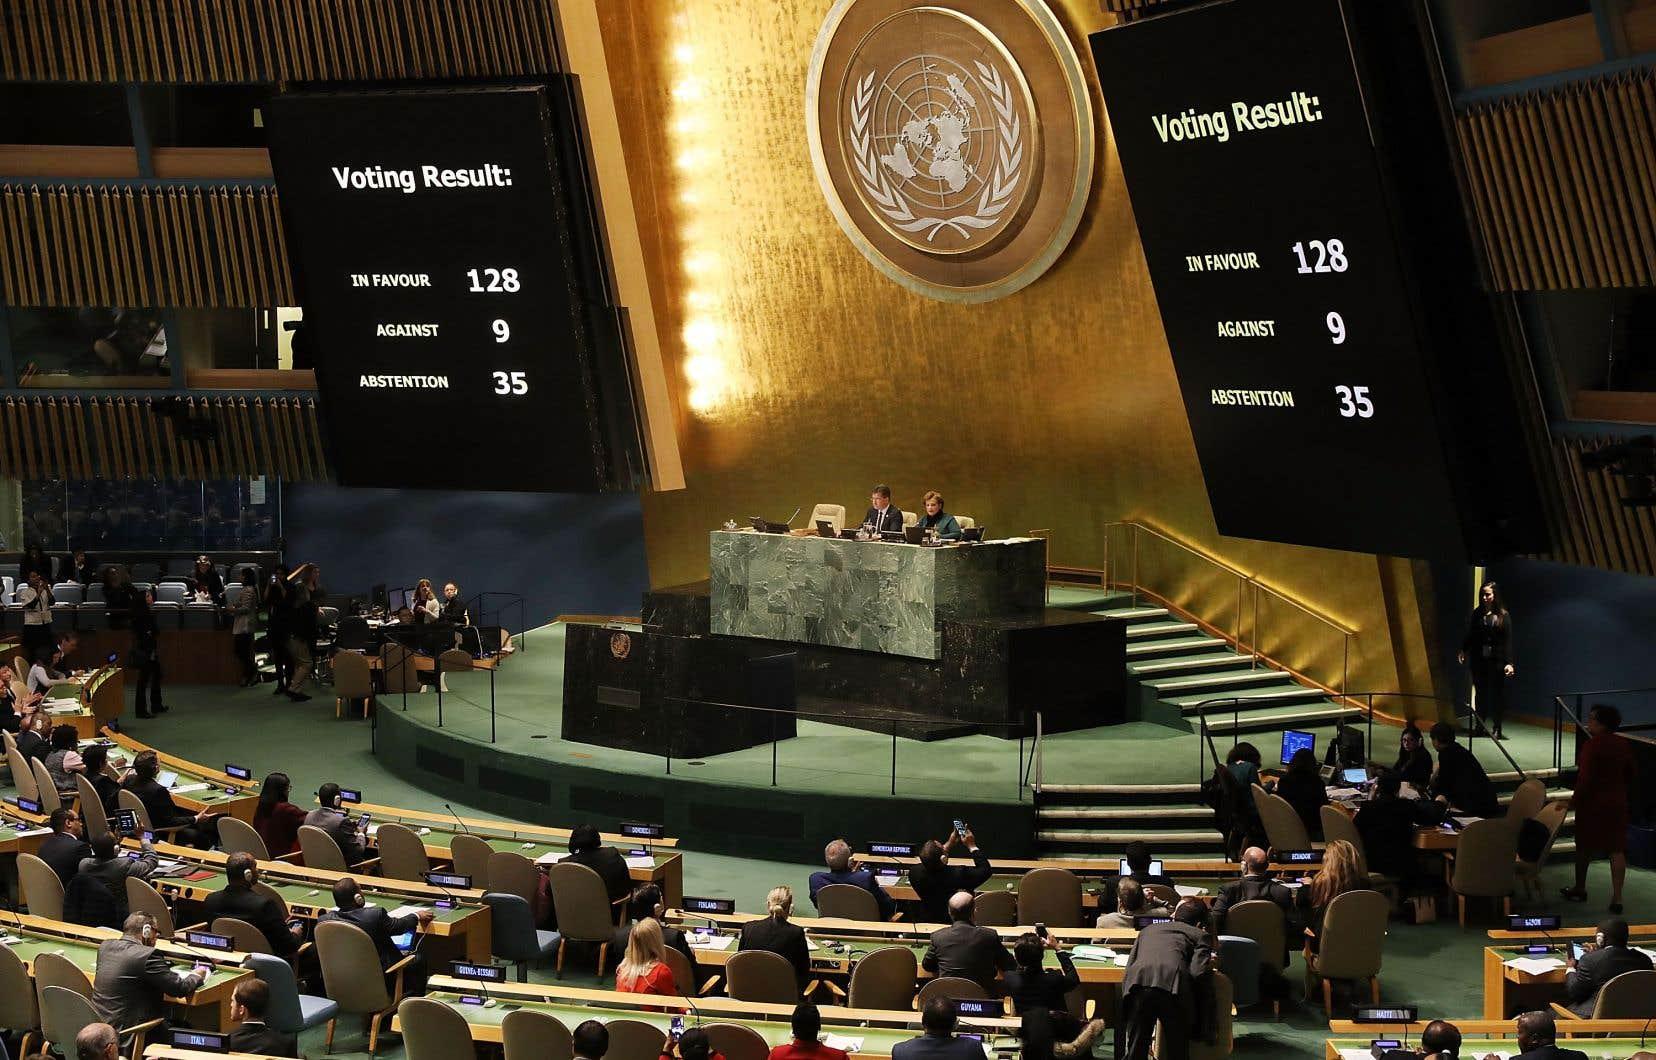 Sur les 193 pays membres des Nations unies, 128 ont voté en faveur de la résolution condamnant la décision de Donald Trump sur Jérusalem.